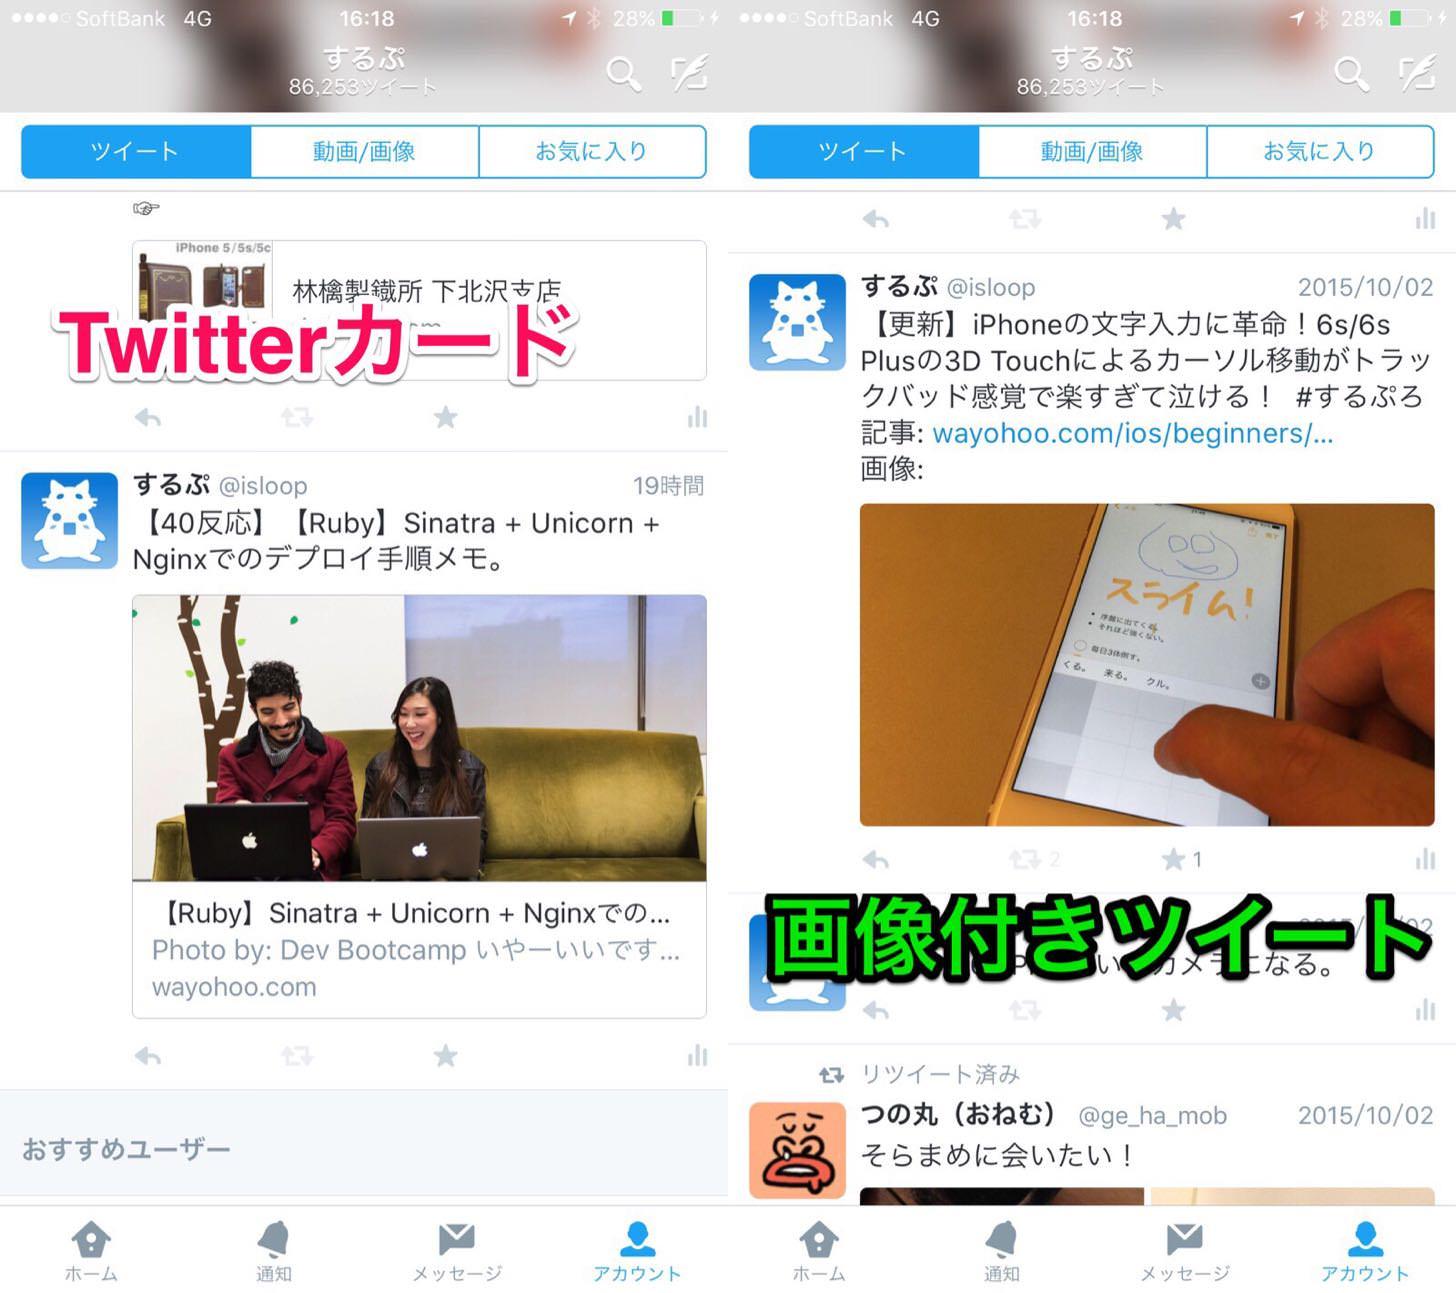 Twitterカードと画像付きツイート